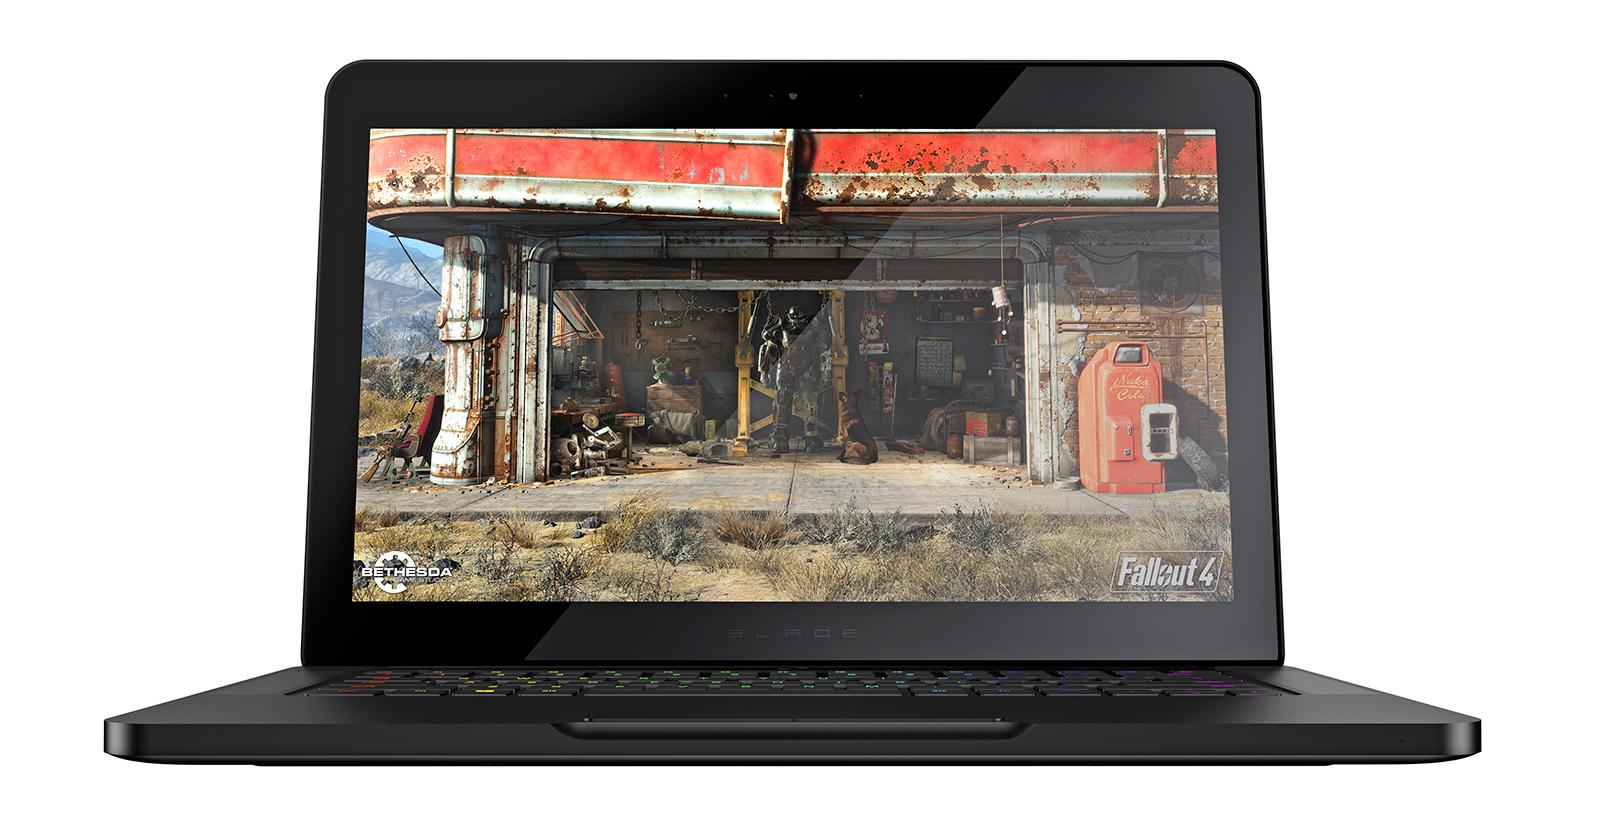 Razer 推出新款 Blade 笔记本,换上更轻薄设计